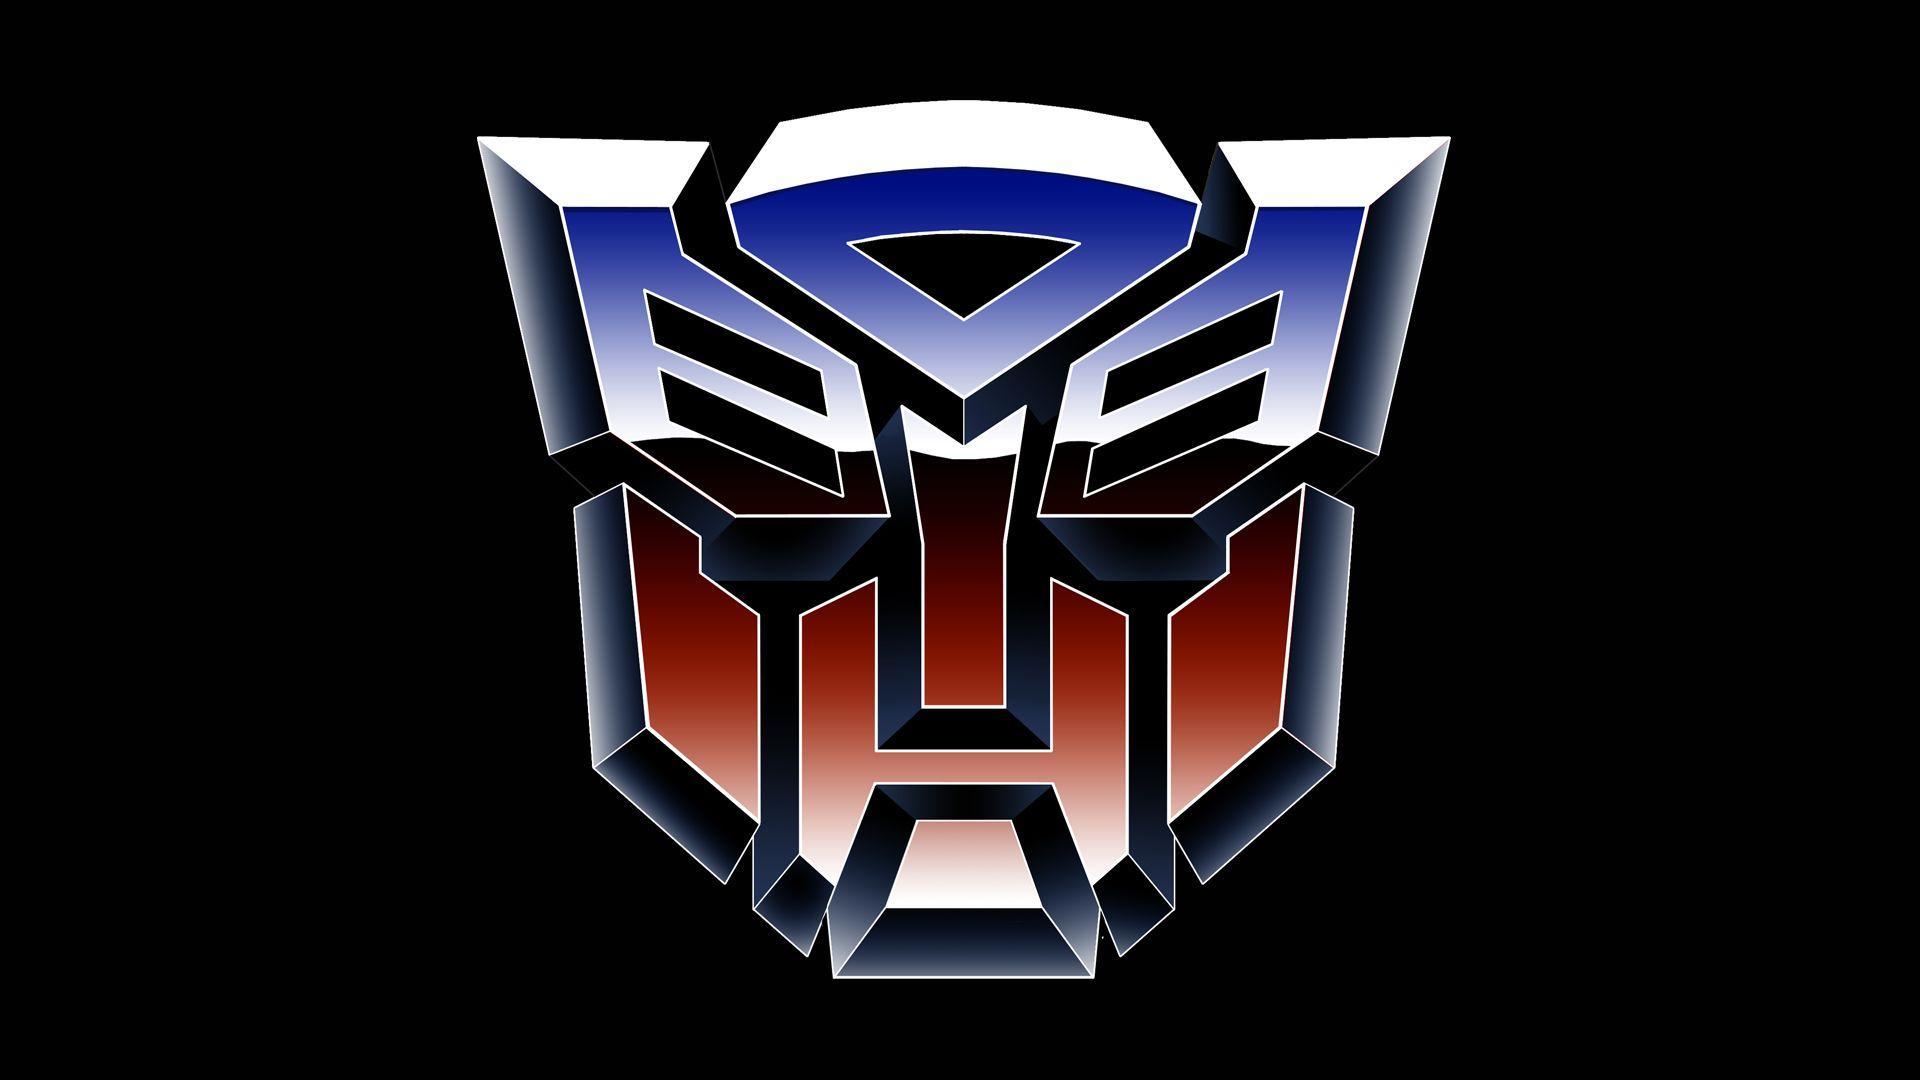 autobot vs decepticon emblem wallpapers wallpaper cave